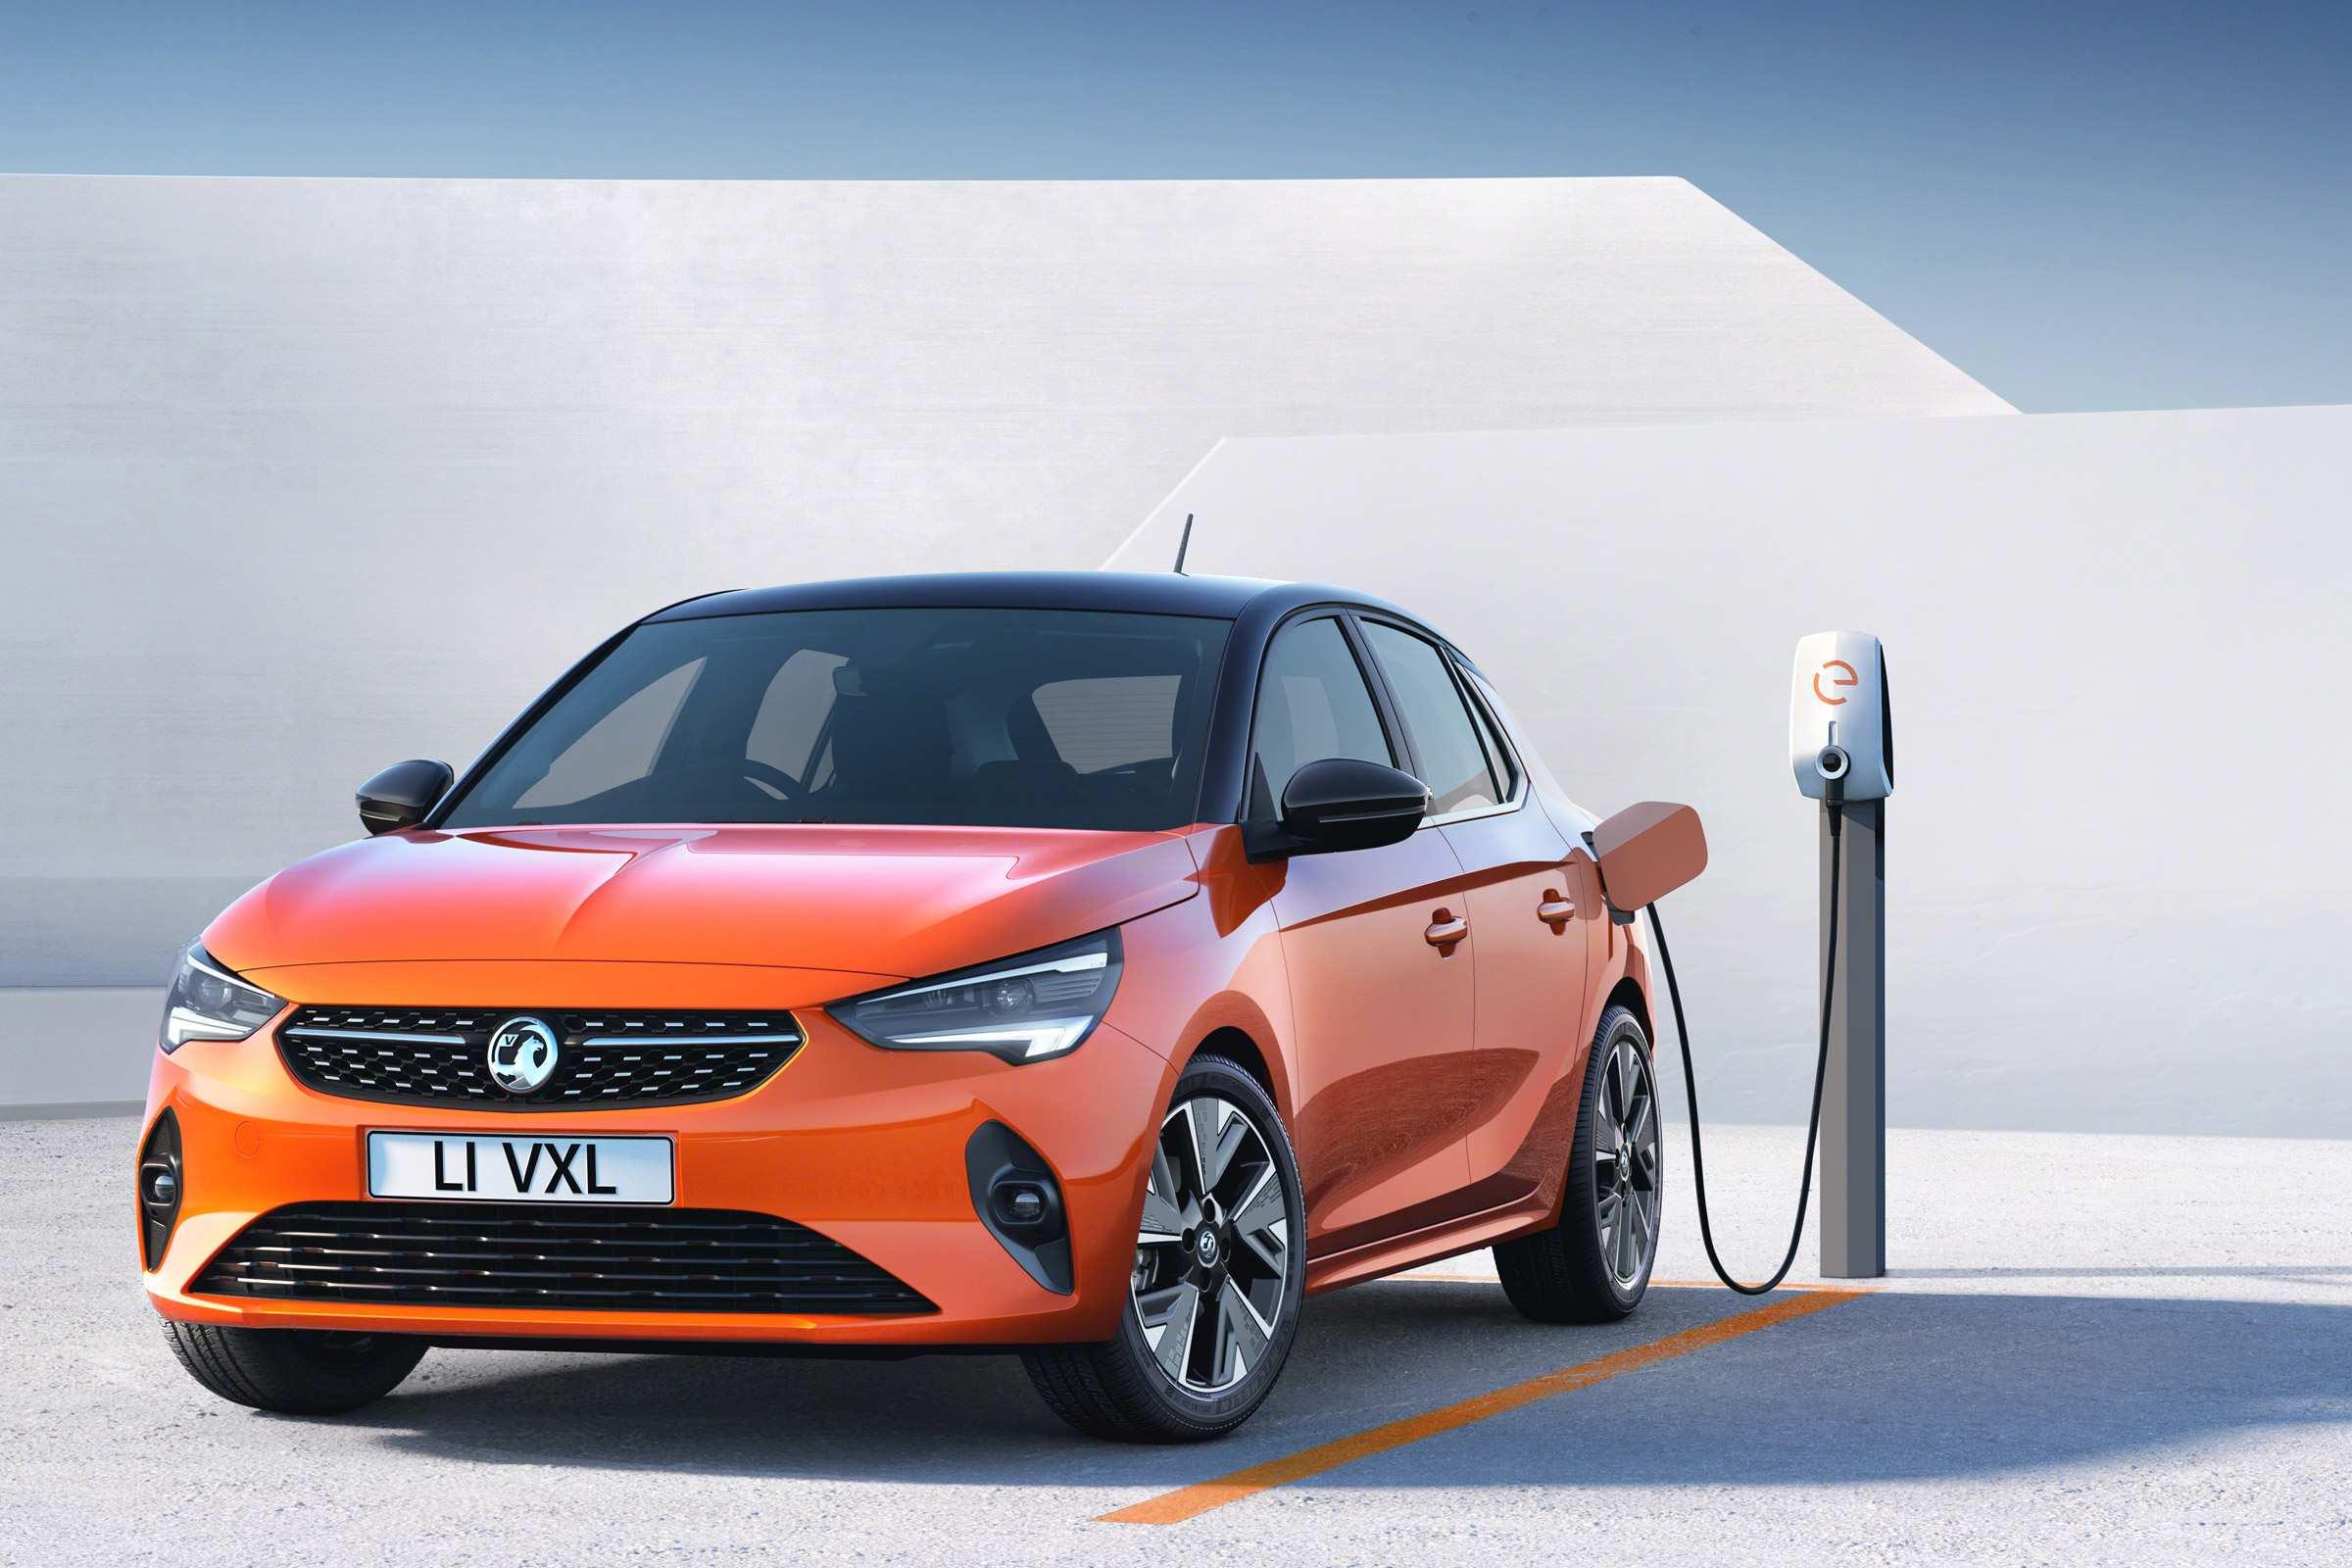 71 Great Opel Will Launch Corsa Ev In 2020 Wallpaper by Opel Will Launch Corsa Ev In 2020